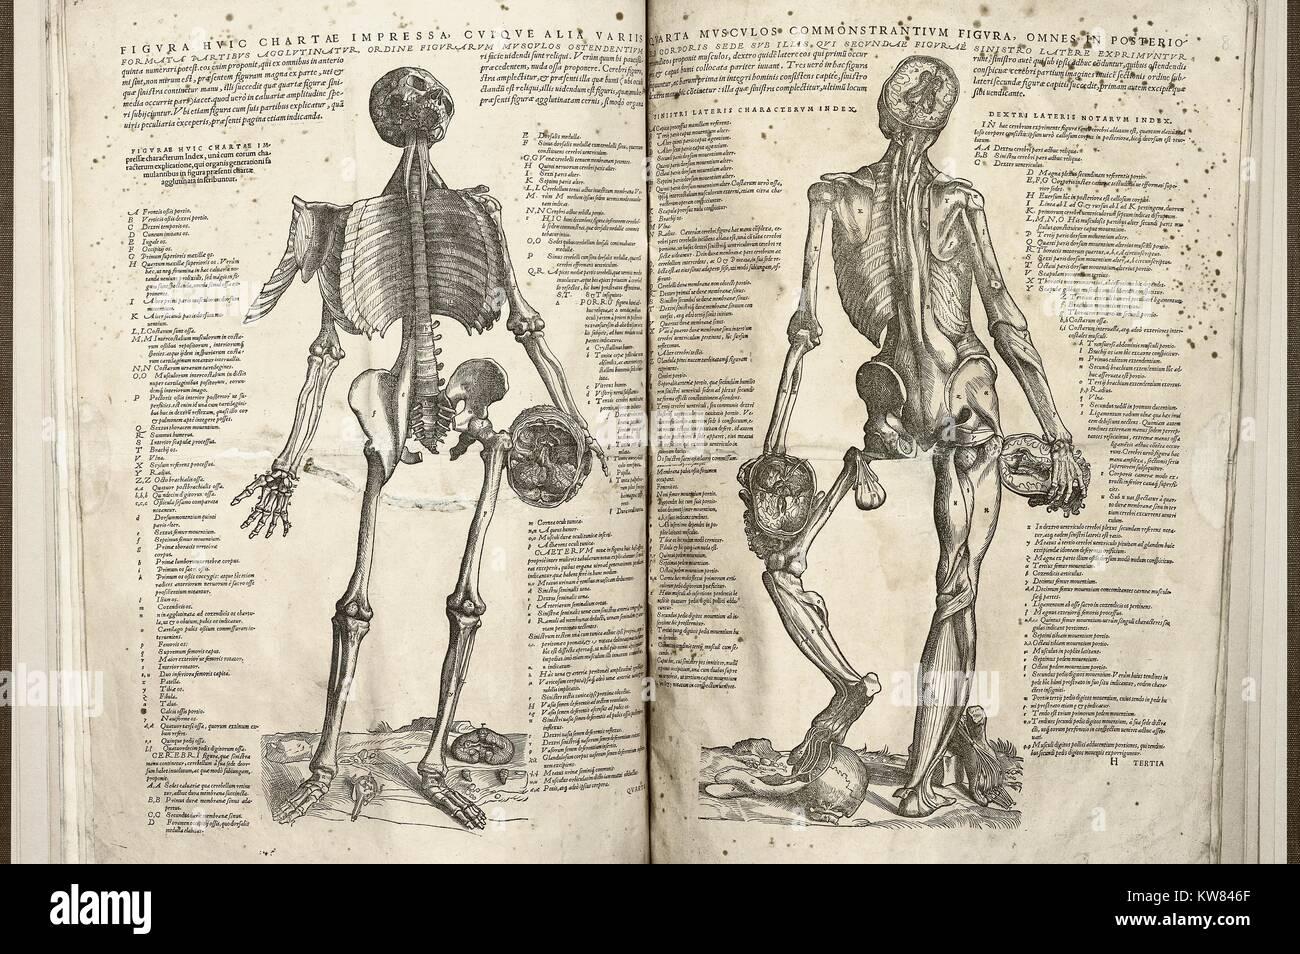 Dos imágenes del cuerpo humano; la página izquierda presenta la ...